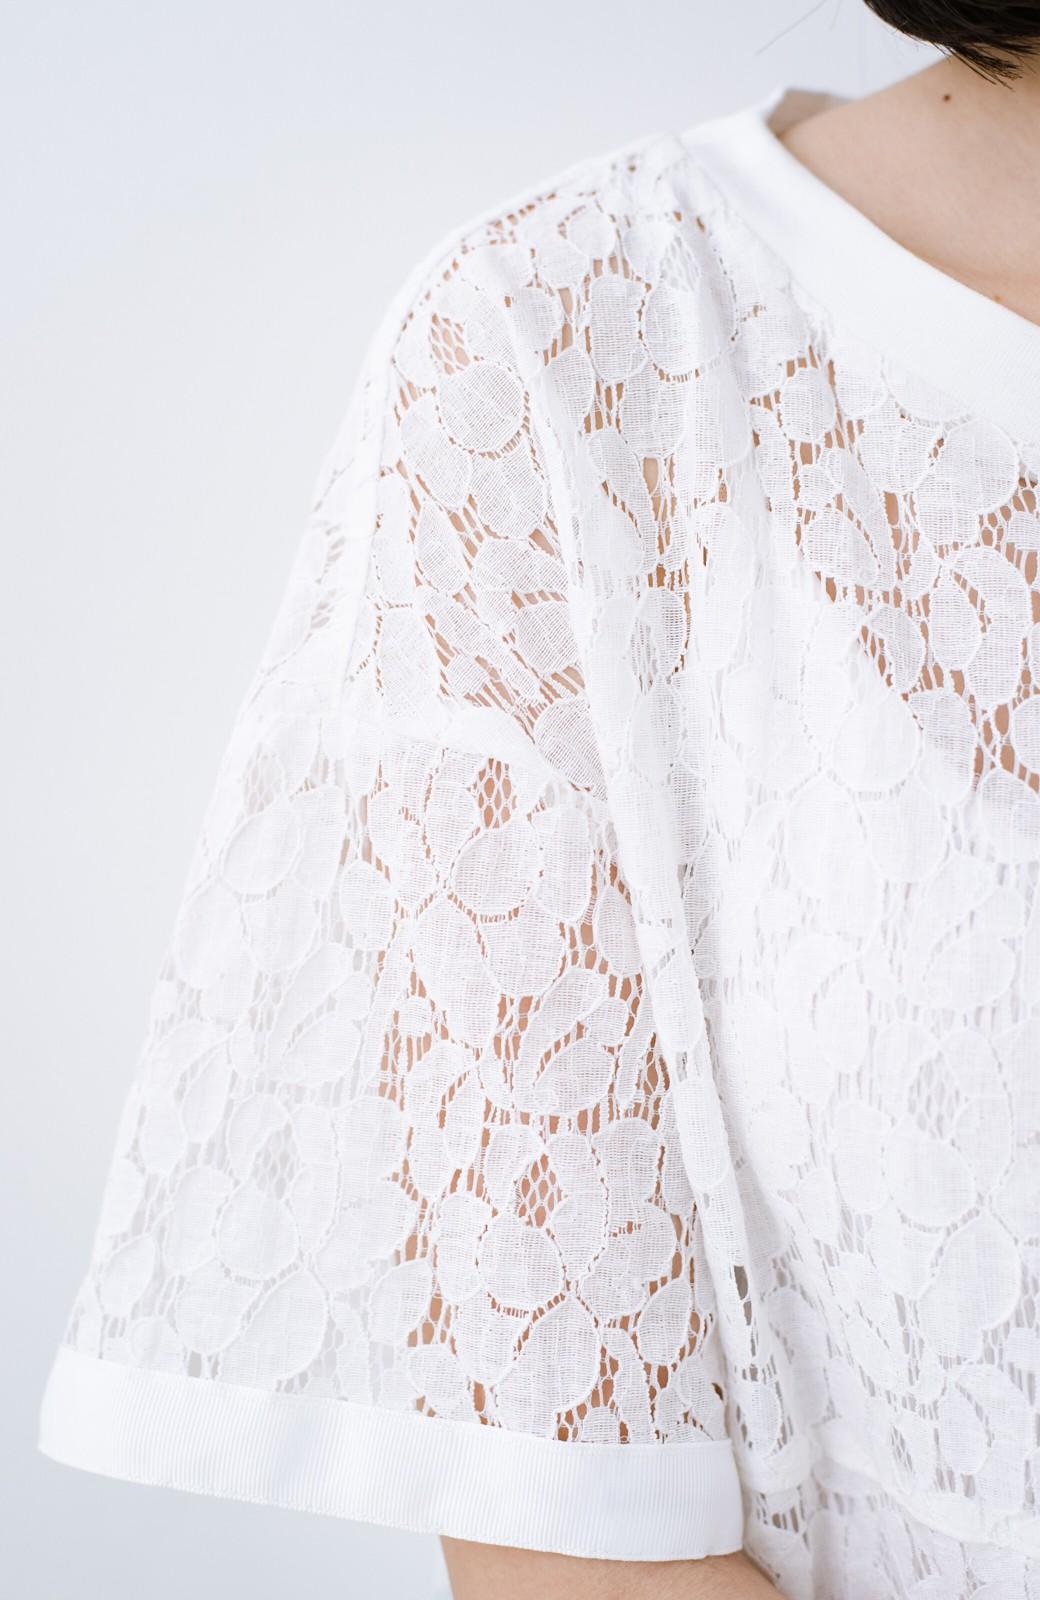 haco! Tシャツ感覚で着られる便利なレースブラウス <ホワイト>の商品写真3